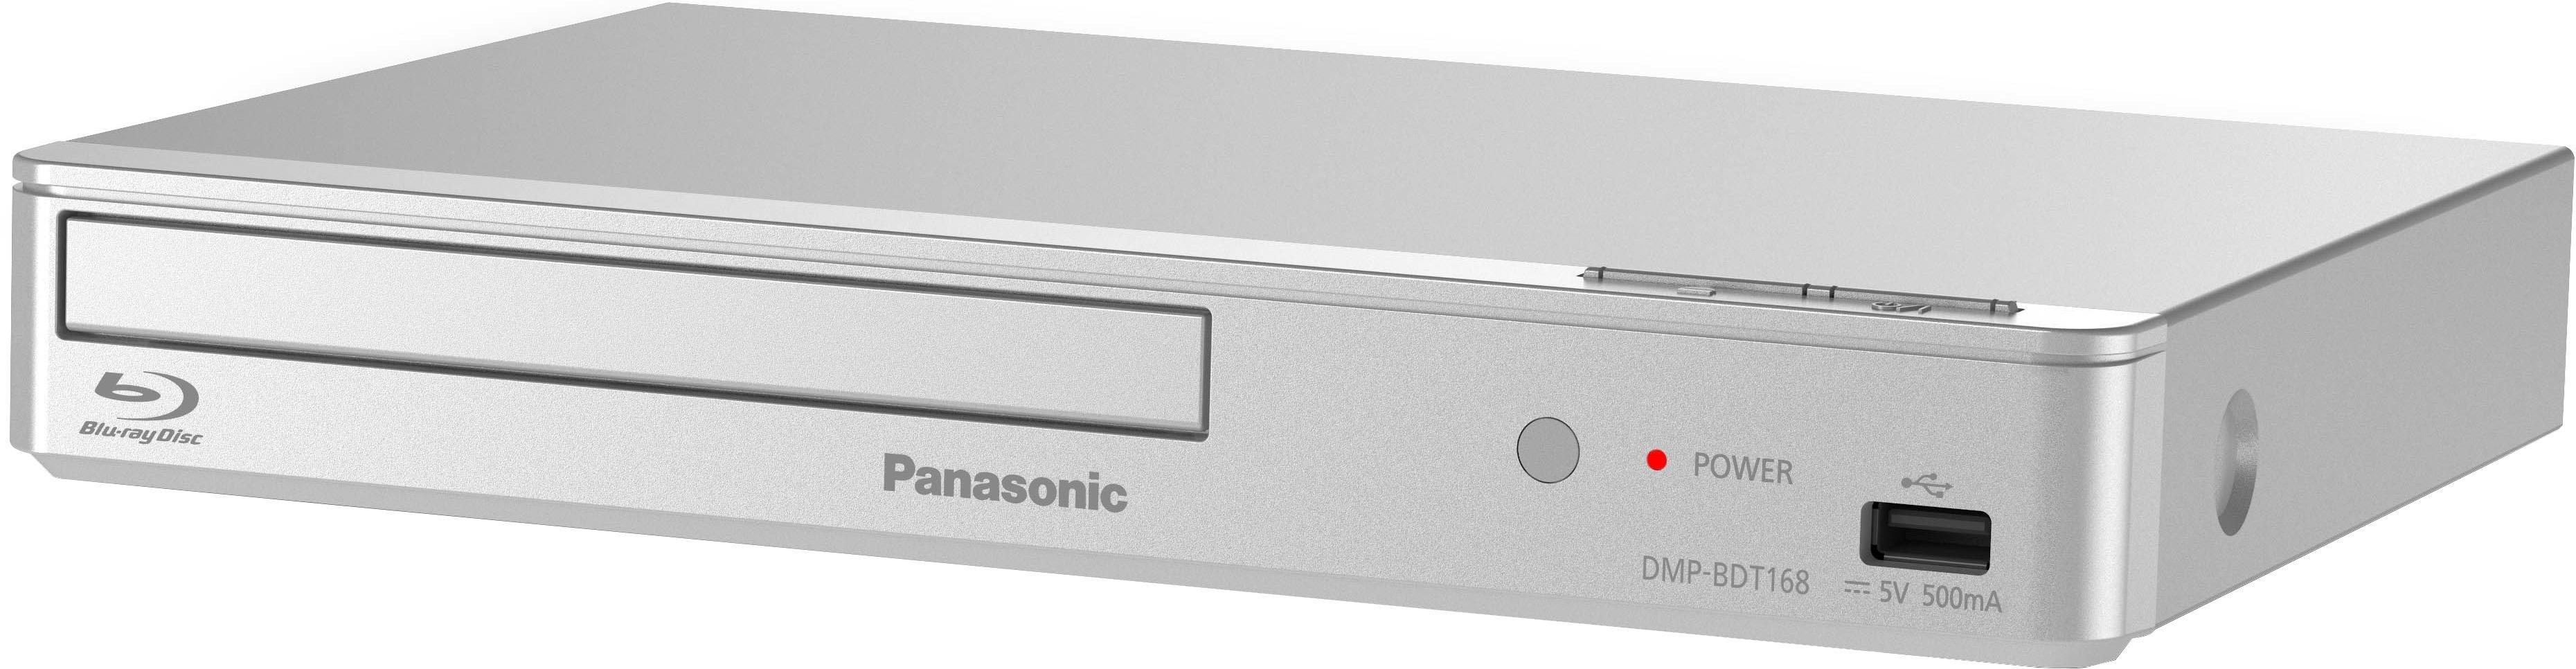 Panasonic »DMP-BDT168« blu-rayspeler (Full HD, LAN (ethernet)) voordelig en veilig online kopen